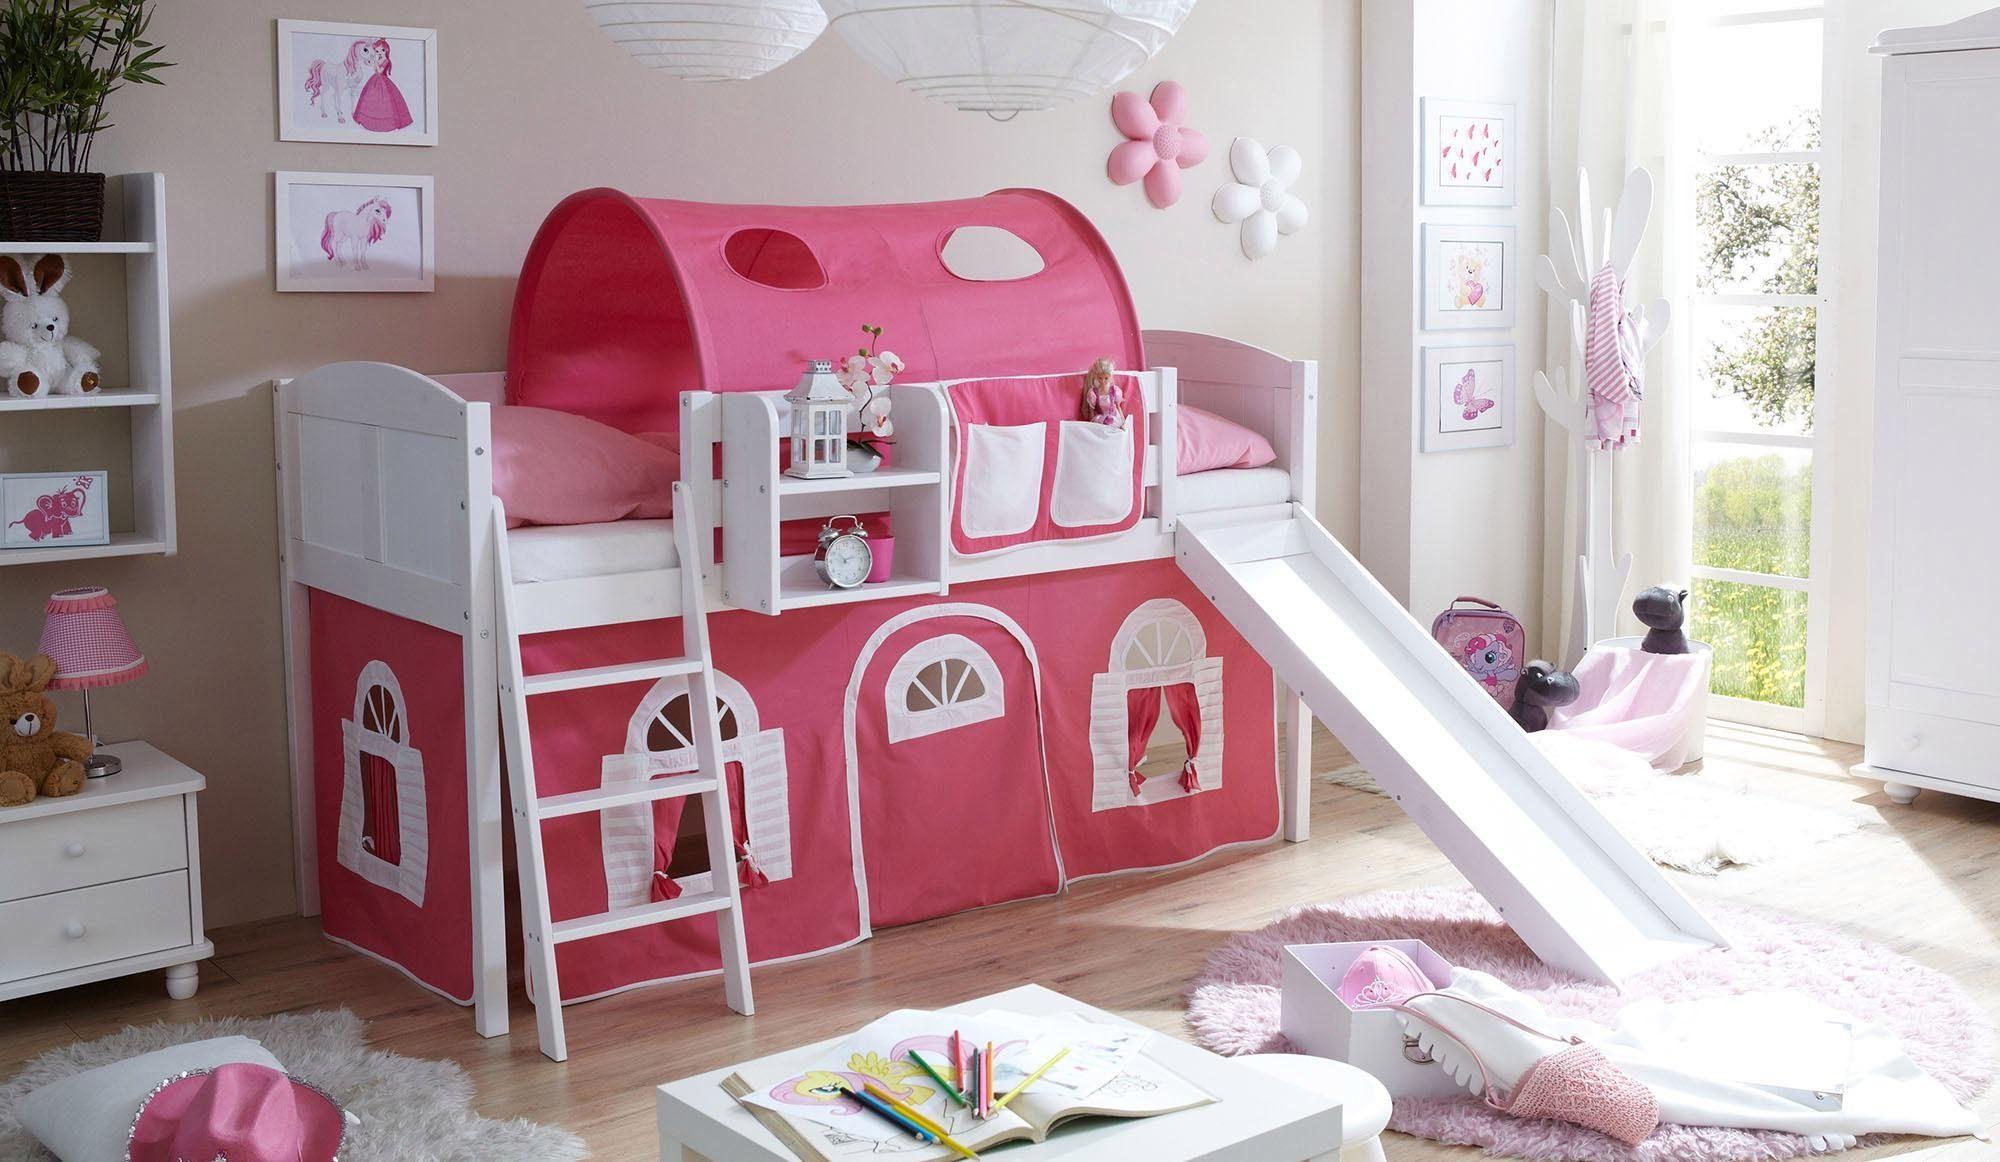 Etagenbett Weiss Mit Rutsche : Kinderzimmer hochbett wei und das mitwachsende kinderbett mit